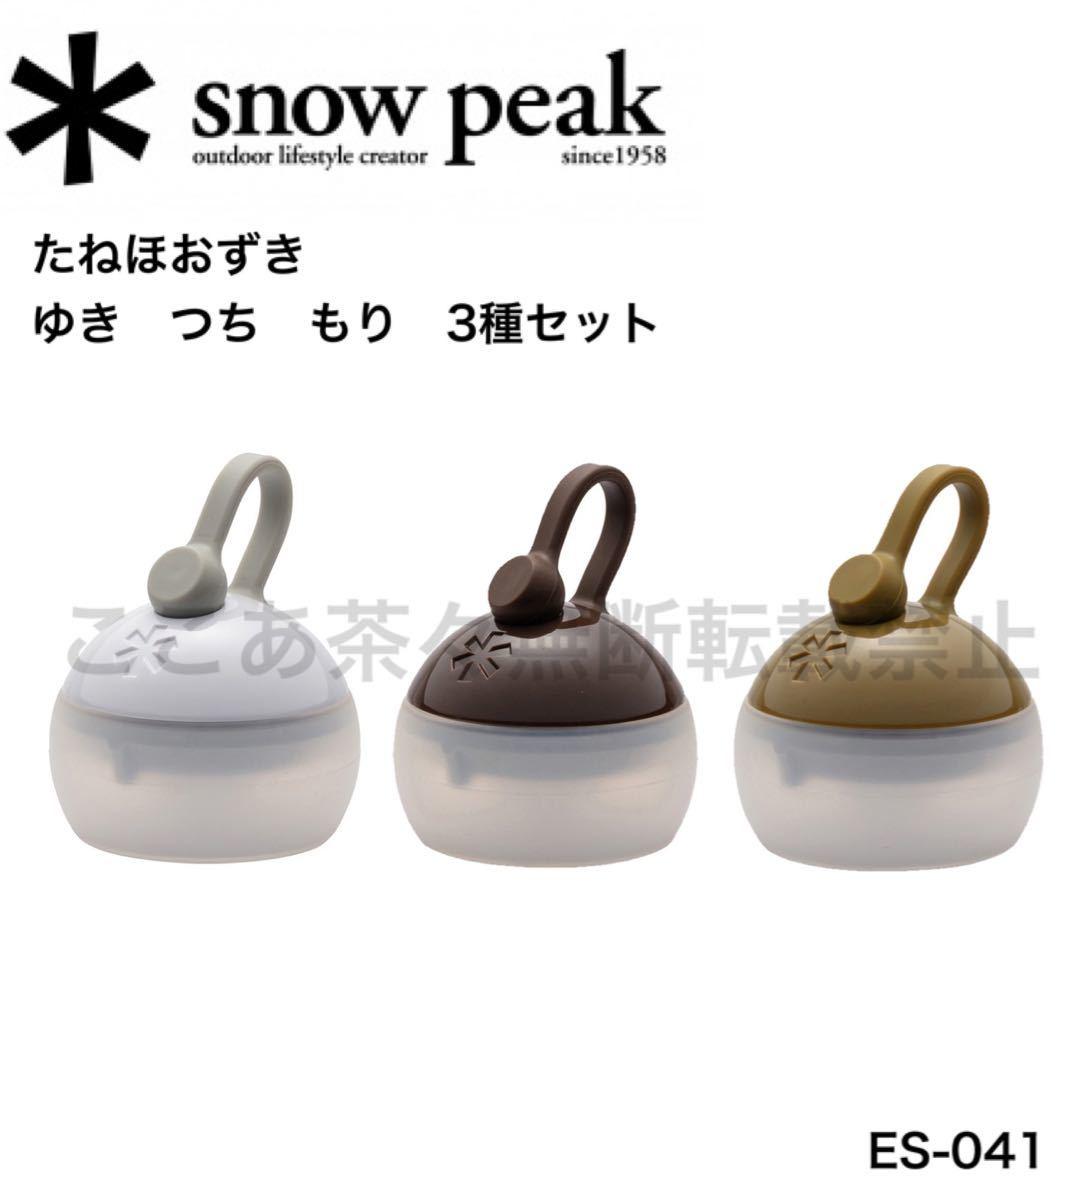 スノーピーク(snow peak)たねほおずき 3種セット ES-041 ゆき もり つち